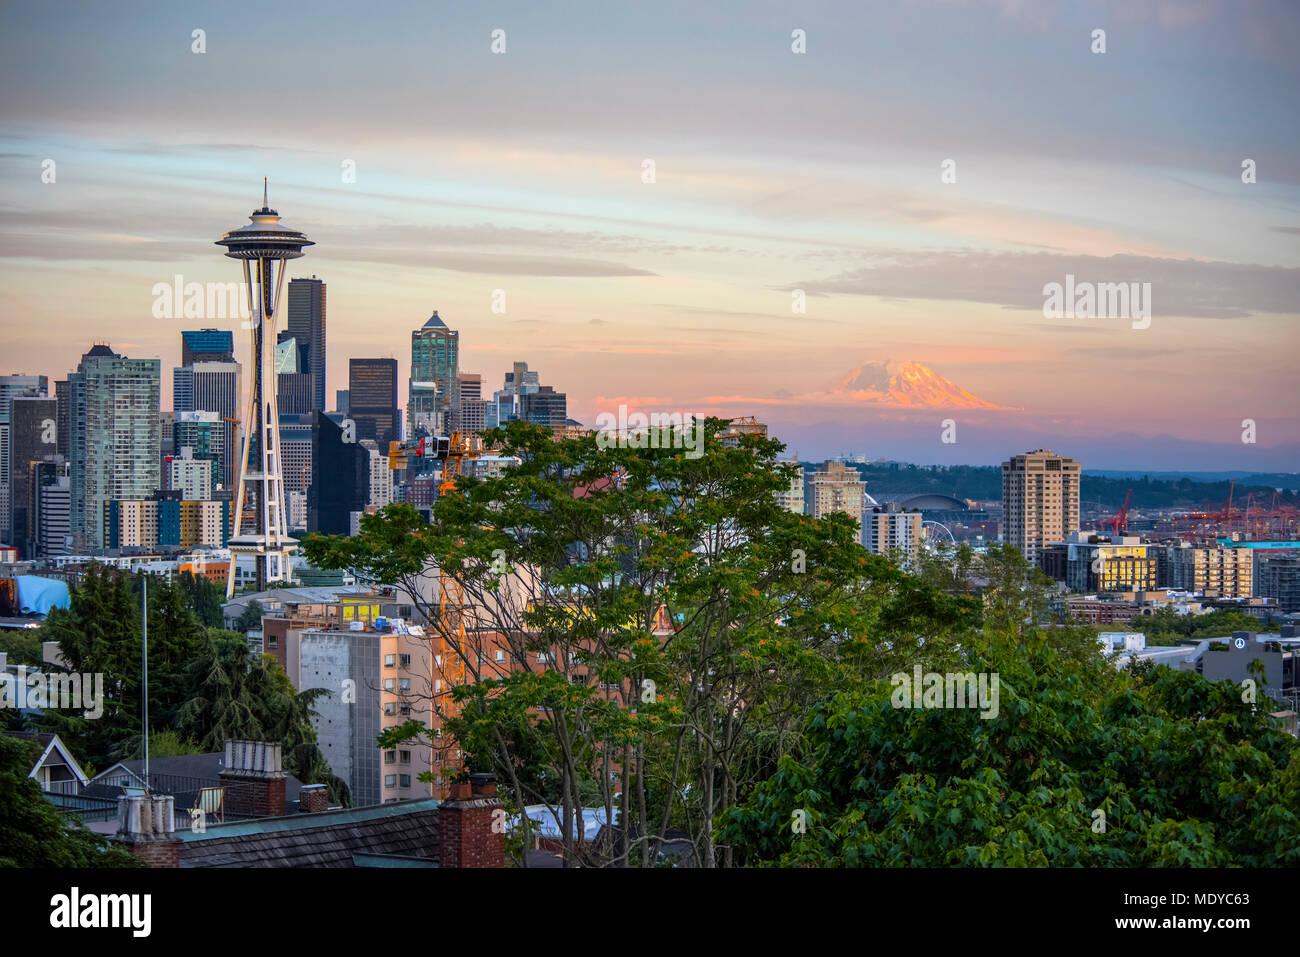 Seattle e Mount Rainier nella tarda estate Alpenglow; Seattle, Washington, Stati Uniti d'America Immagini Stock